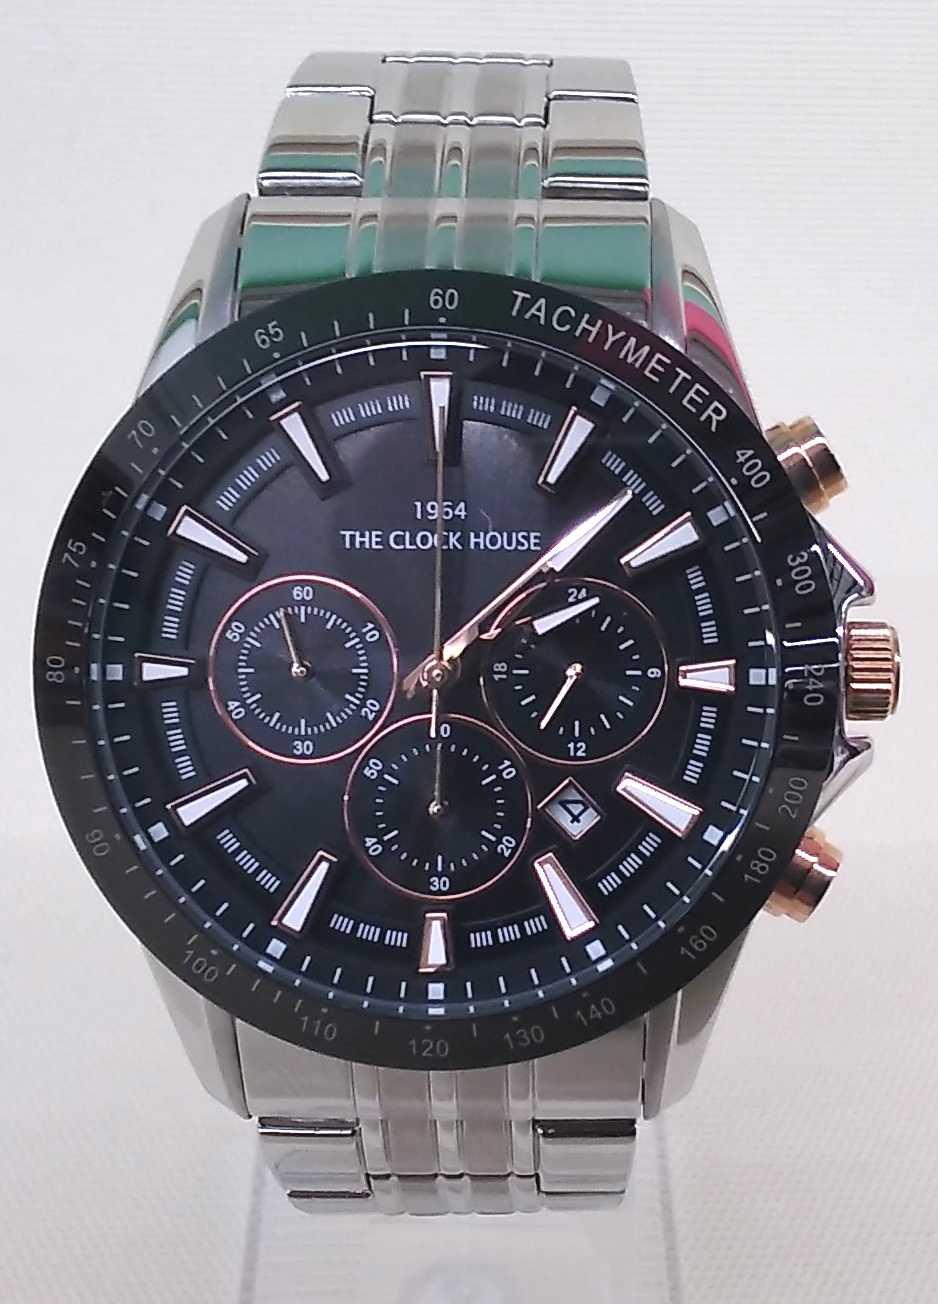 ソーラー腕時計|THE CLOCK HOUSE